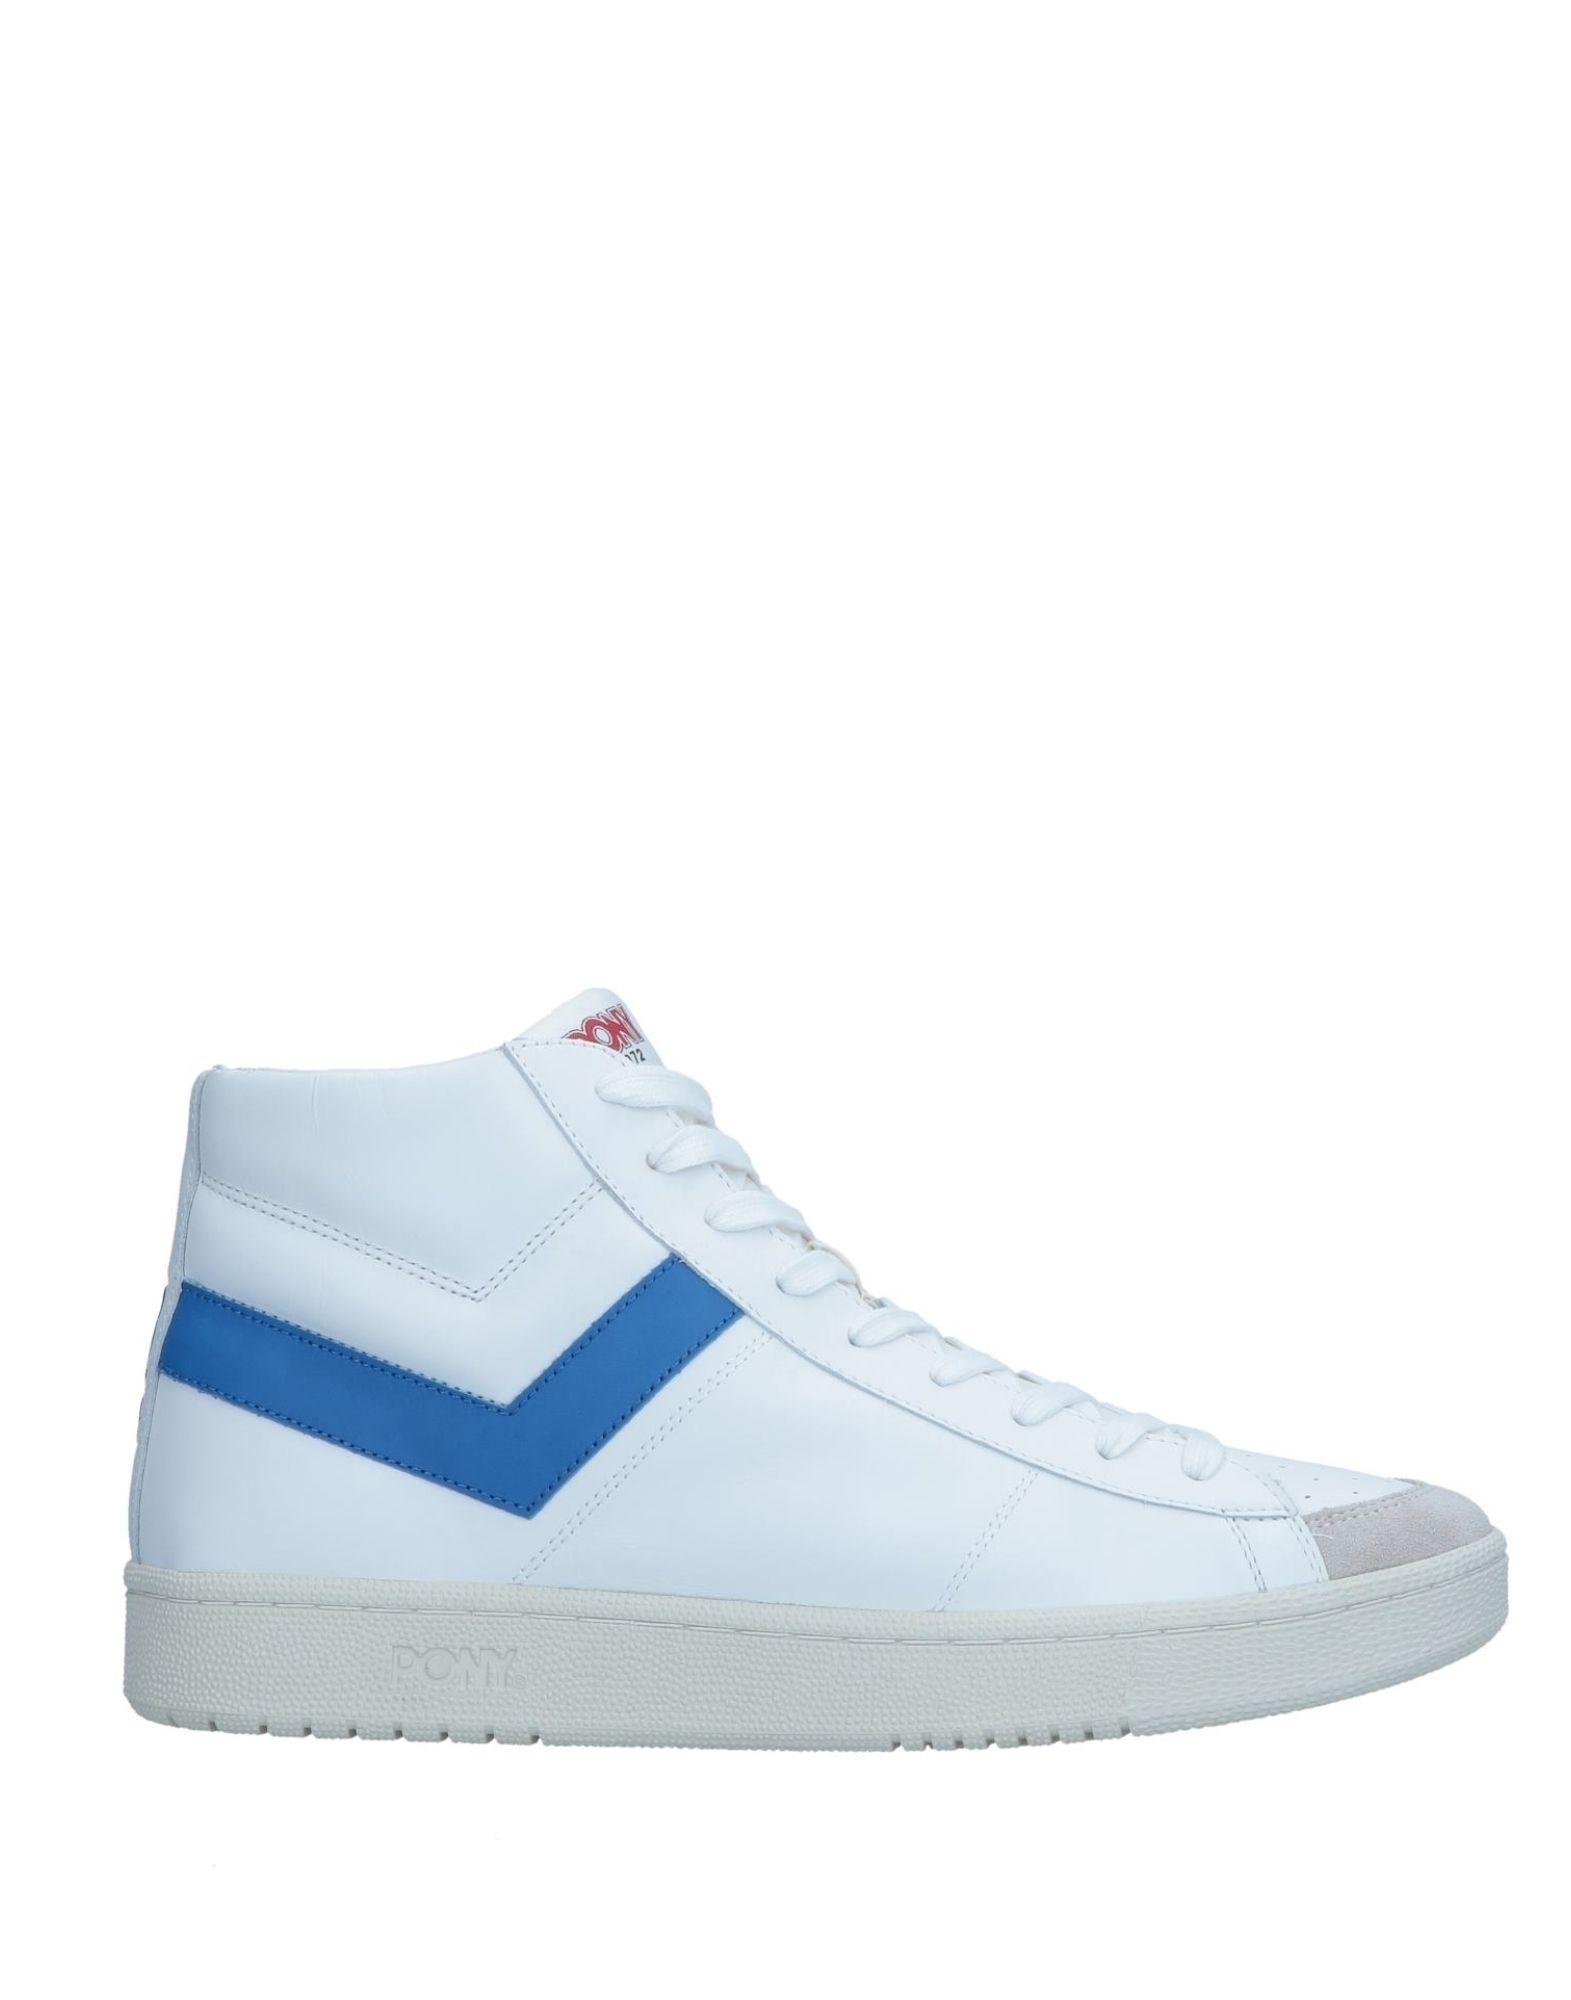 Scarpe economiche e resistenti Sneakers Pony Uomo - 11546973GP